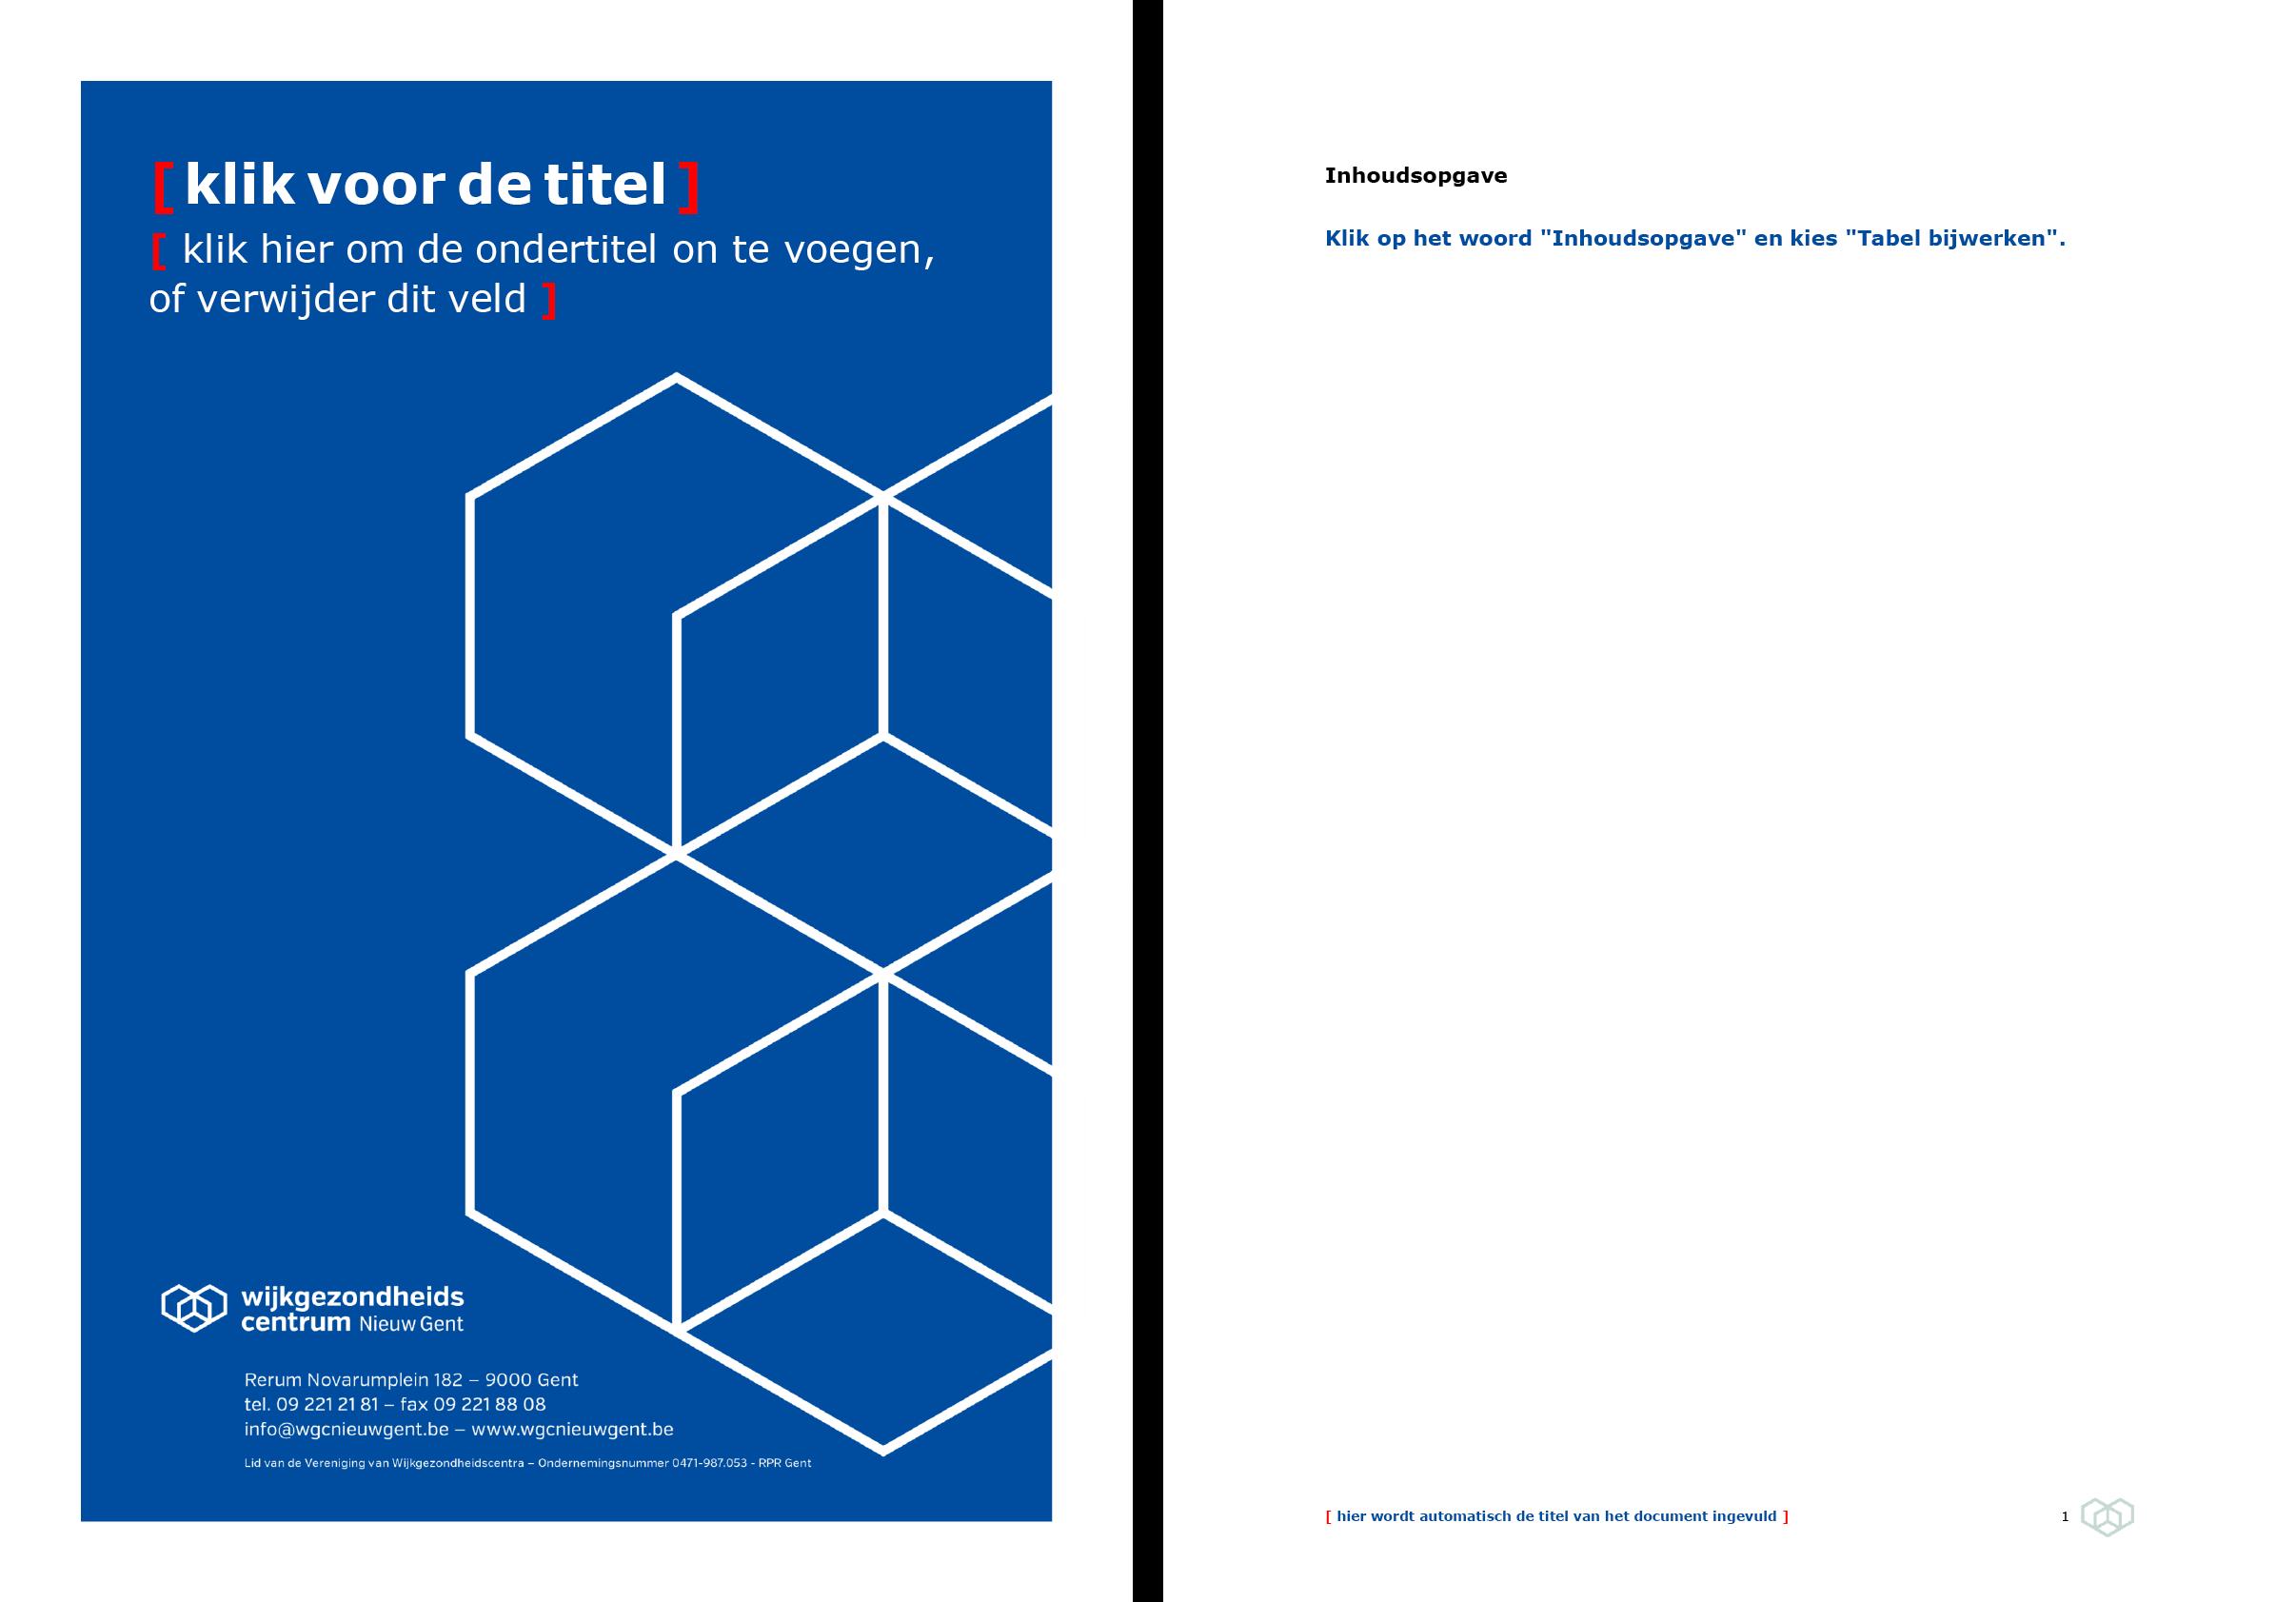 Dossier: voorblad blauw en automatische inhoudsopgave (blanco). Microsoft Word-sjabloon voor WGC Nieuw Gent.